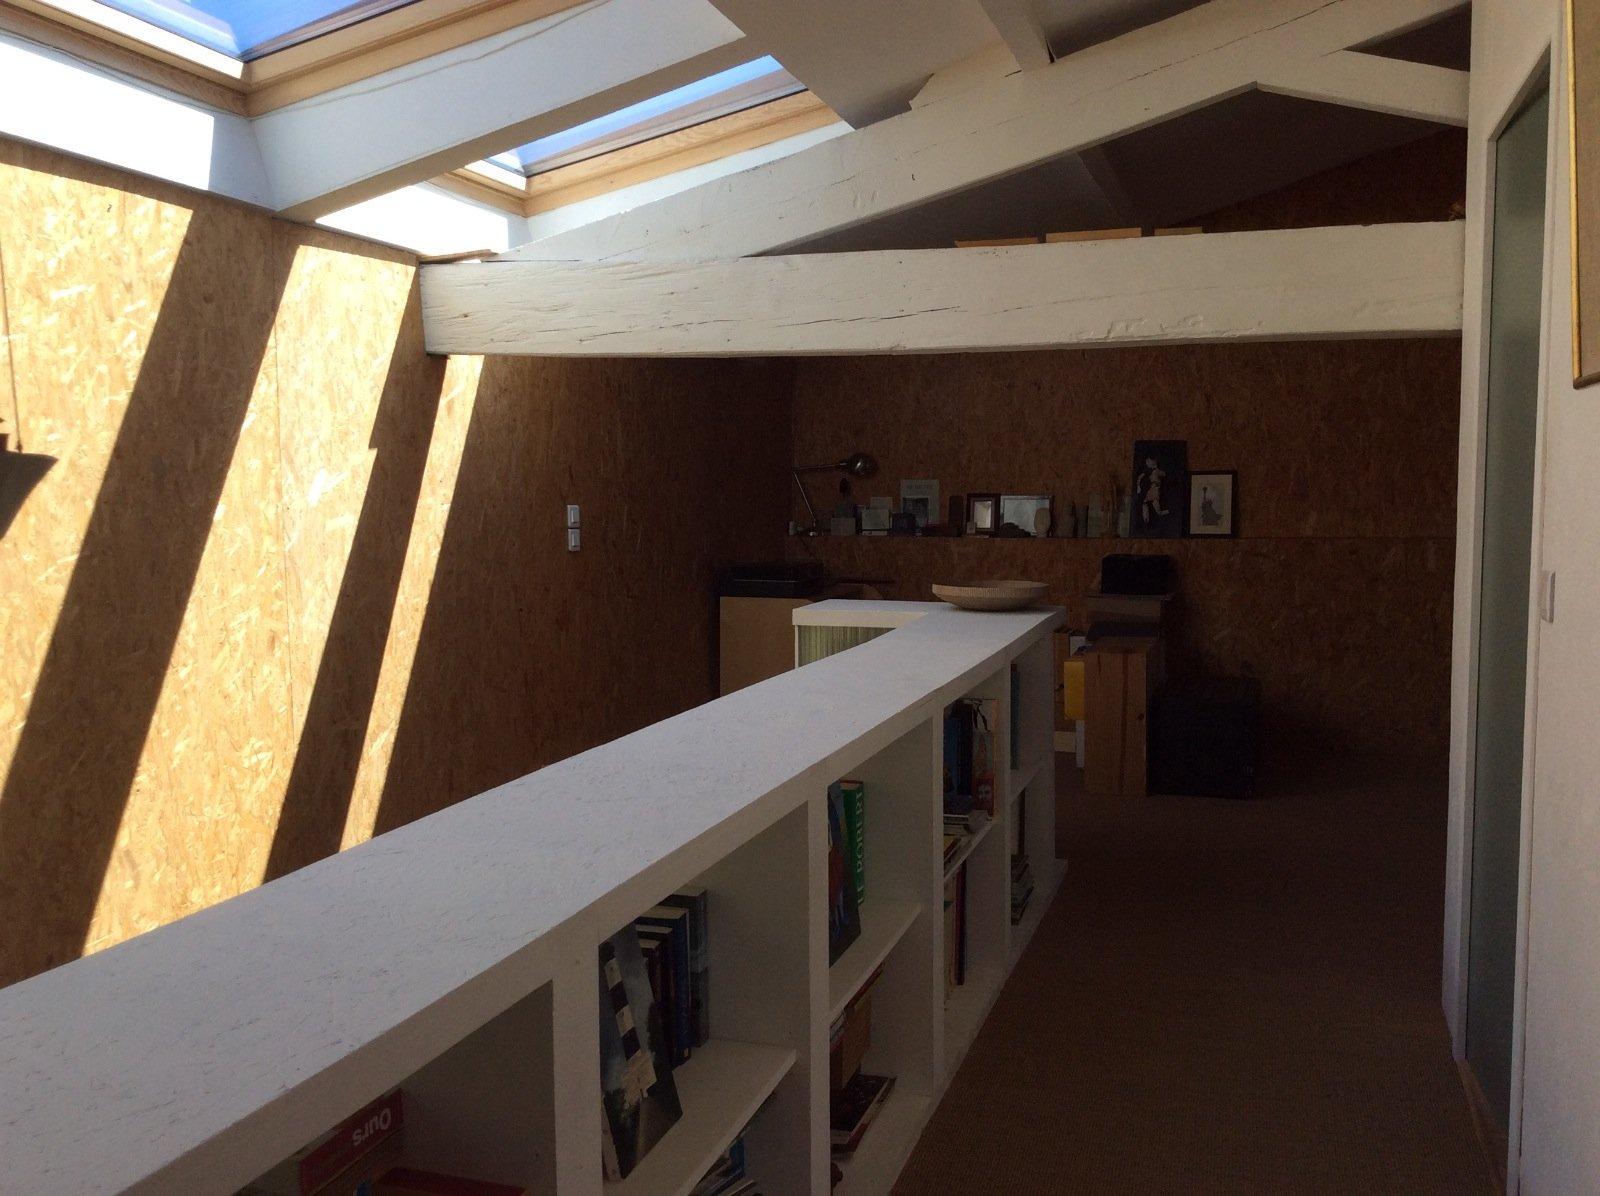 Barrière St Genès – Maison Familiale atypique de 170 m2